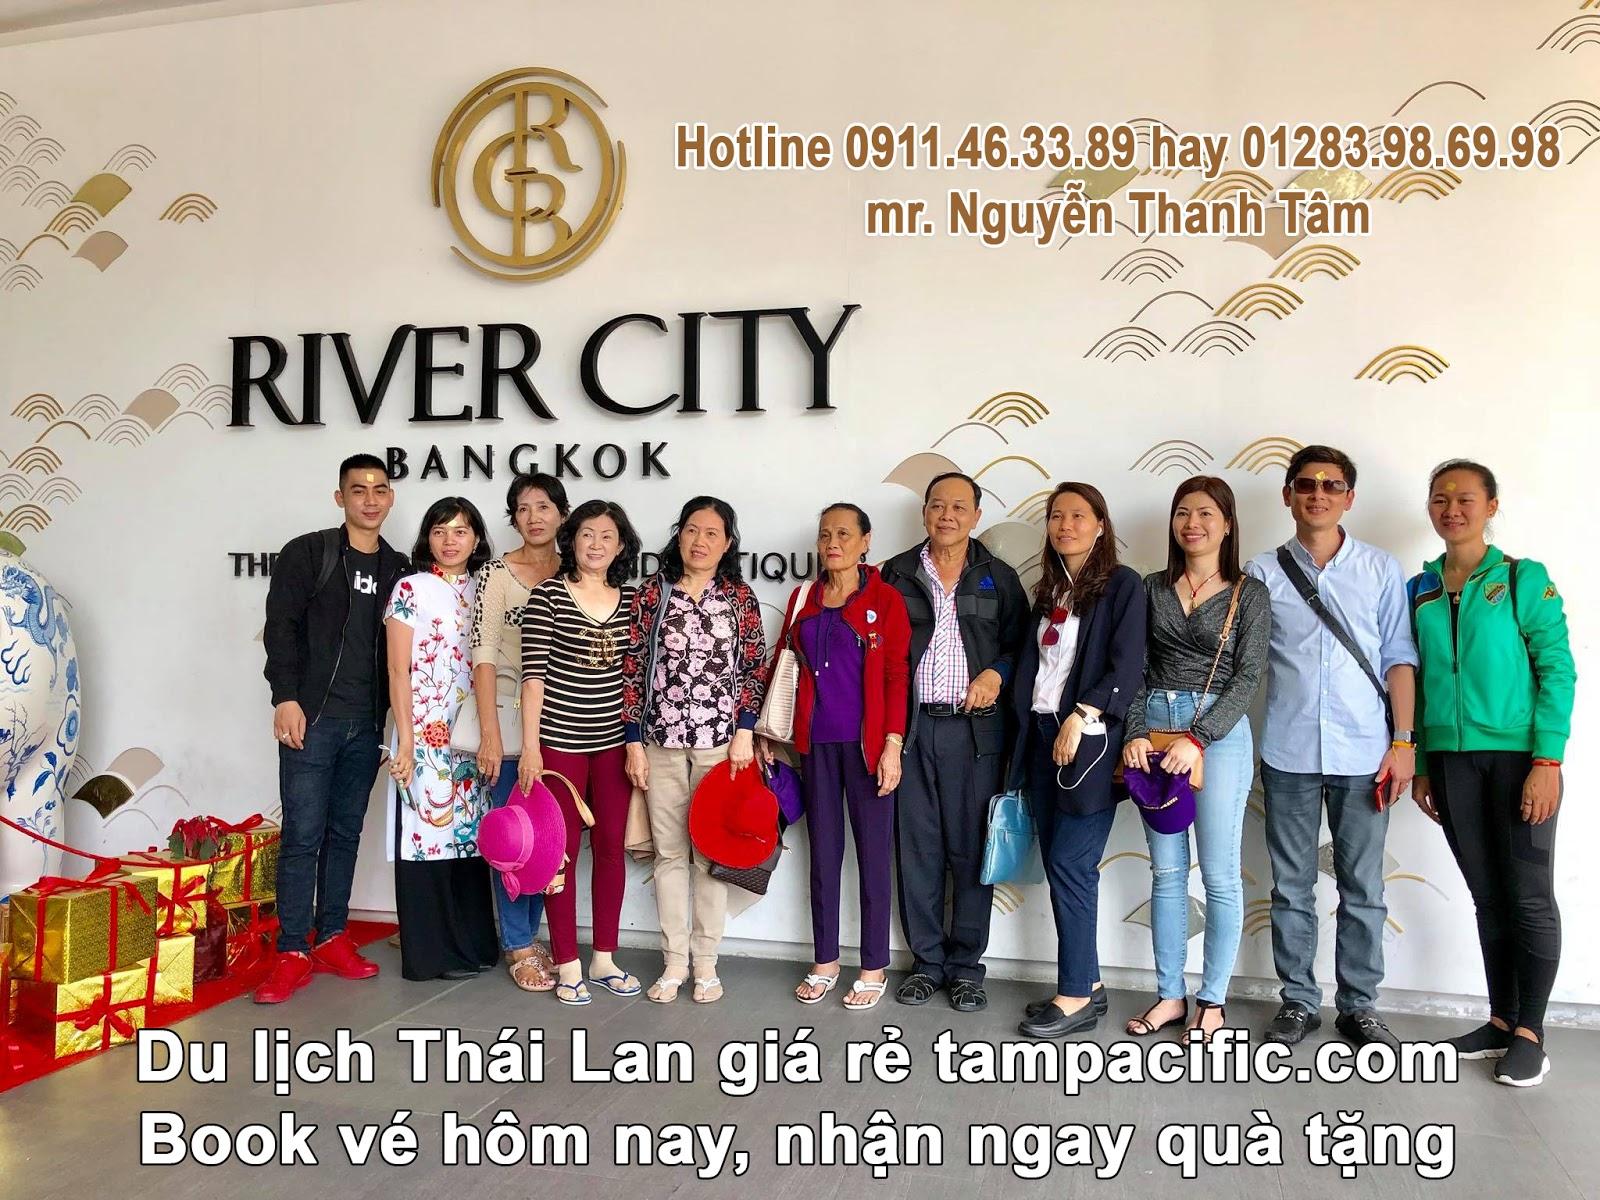 Du lịch Thái Lan giá rẻ tampacific.com Book vé hôm nay, nhận ngay quà tặng